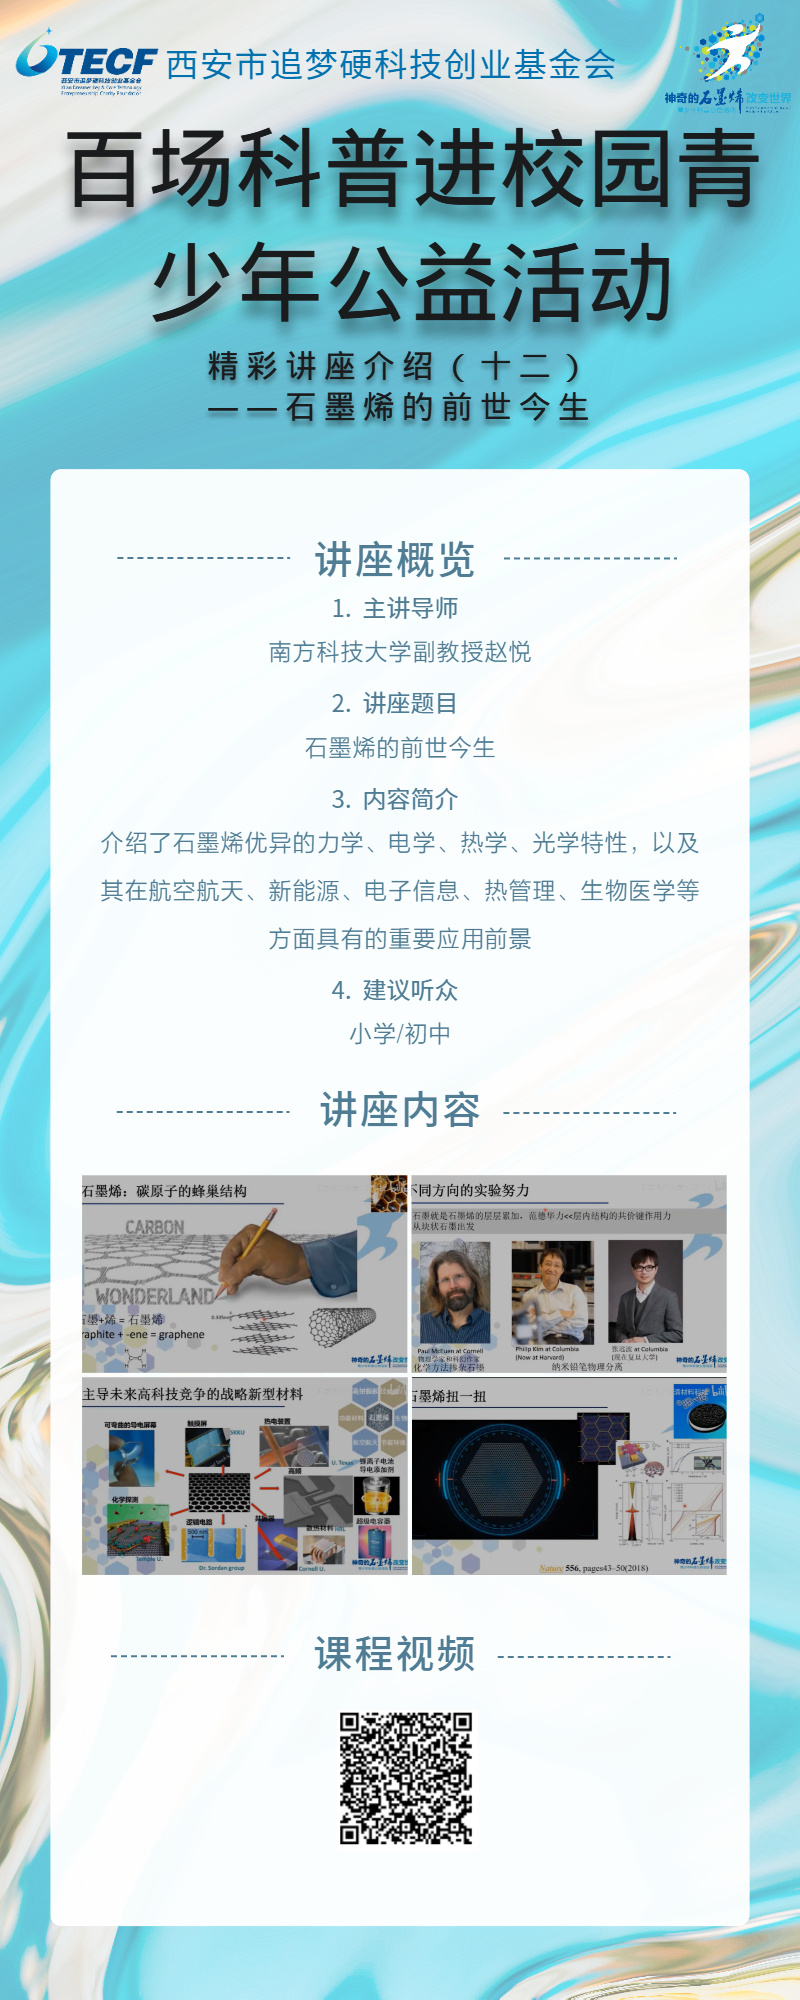 讲座介绍海报012_赵悦.jpg